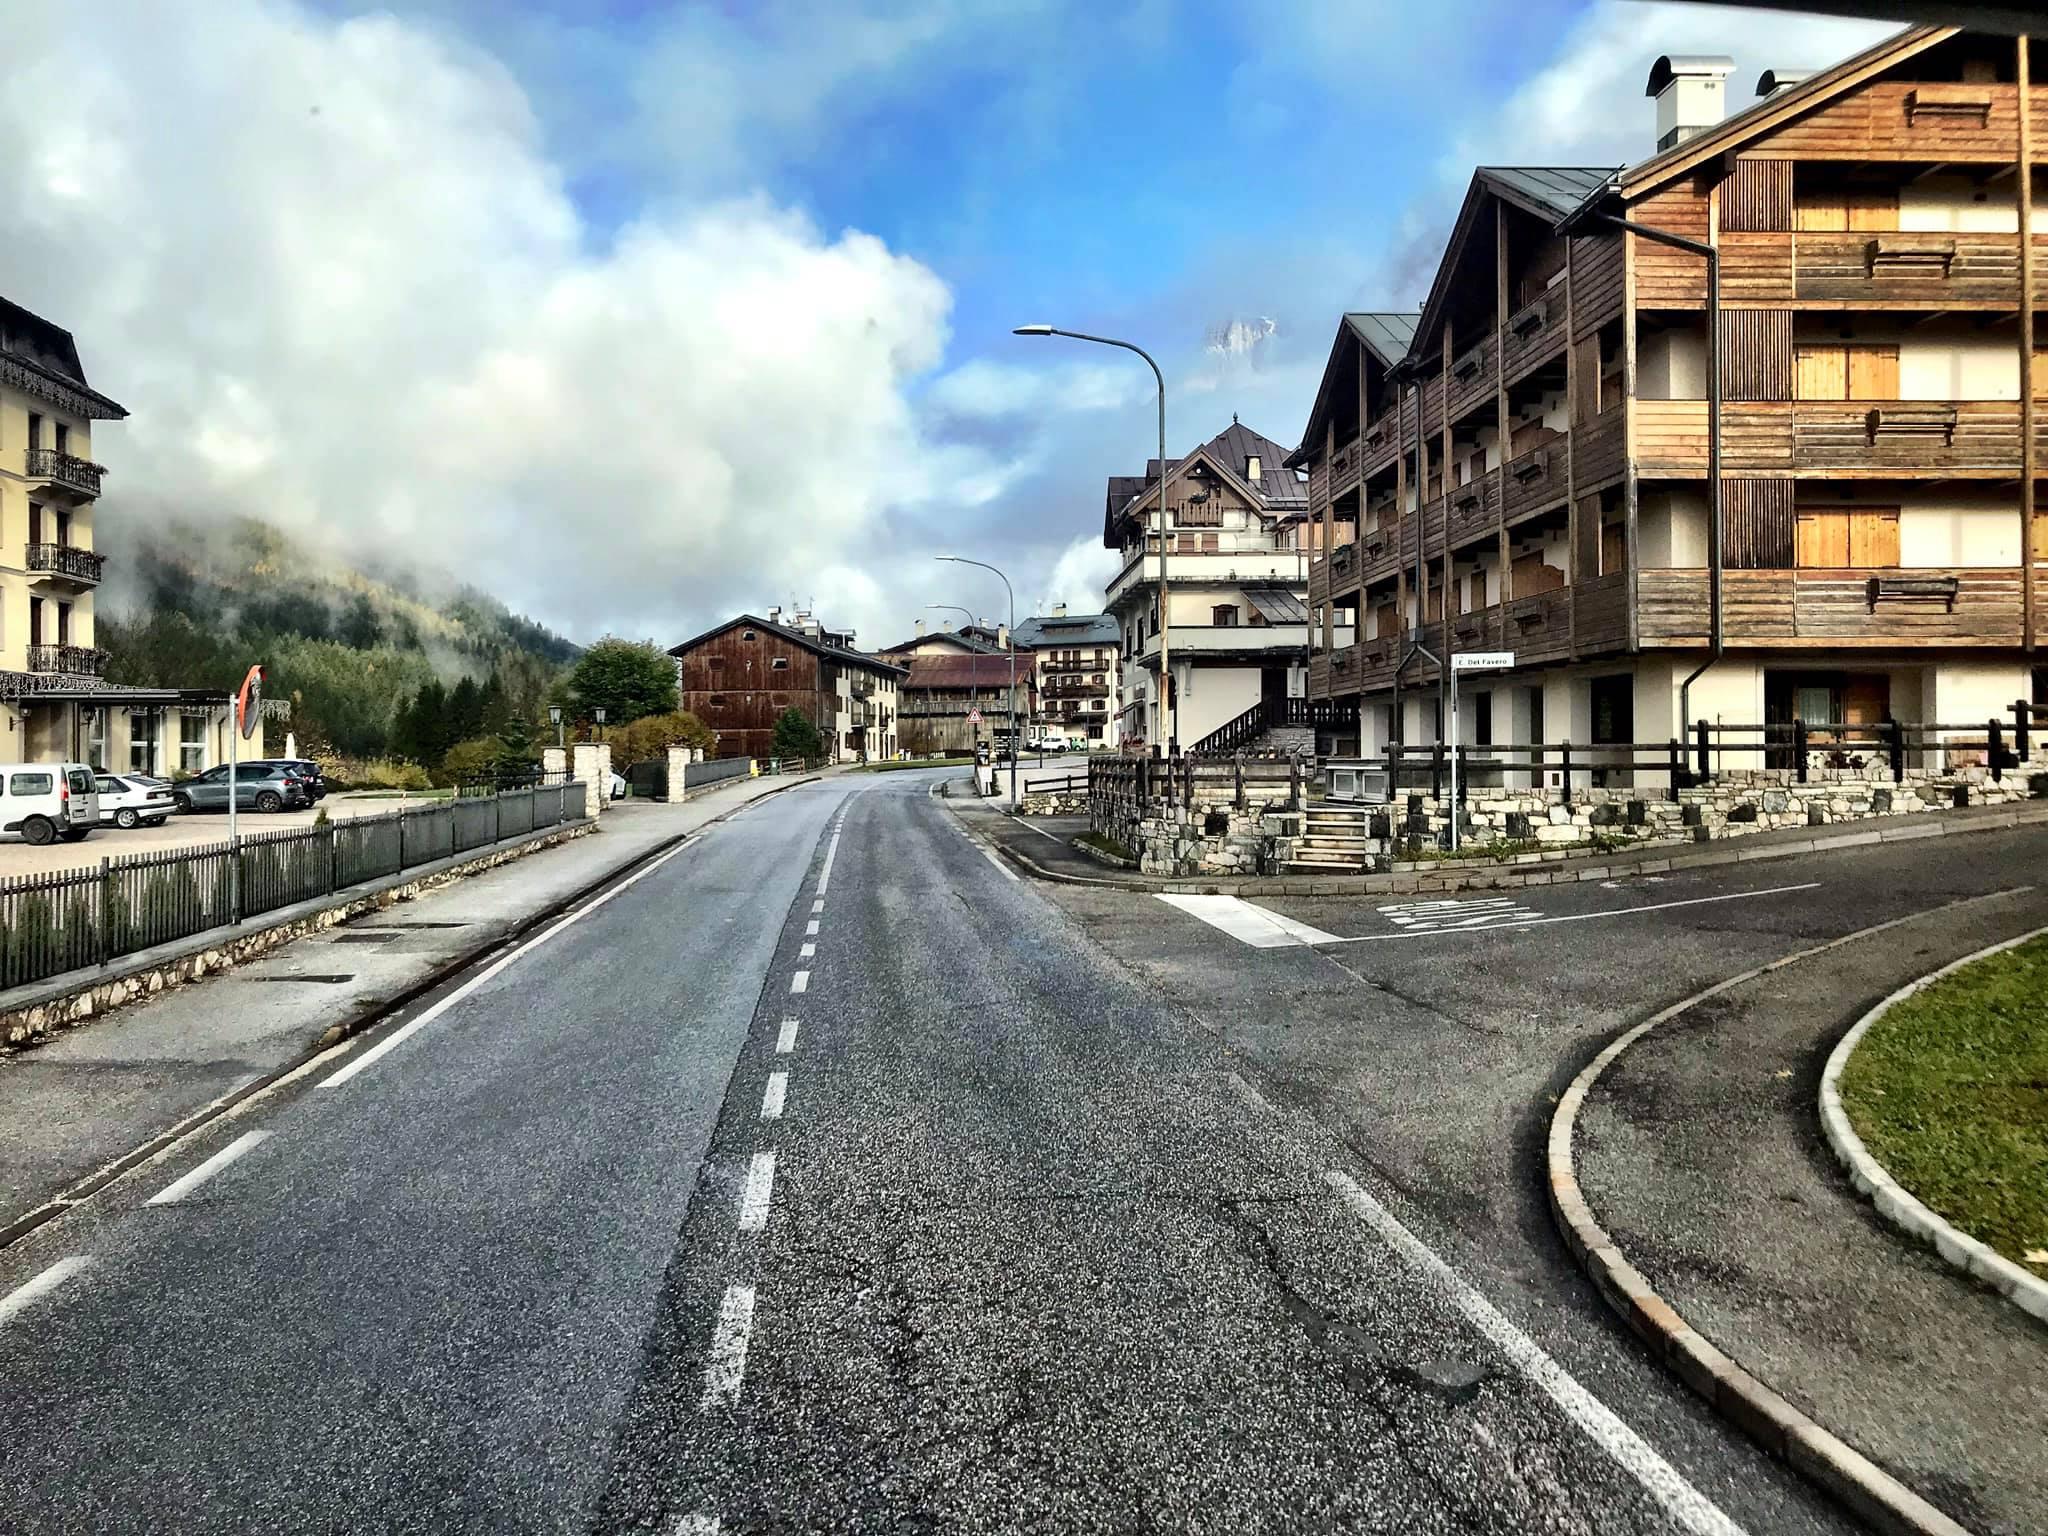 Pols-Sie-in-noord-Italie--30-10-209-5